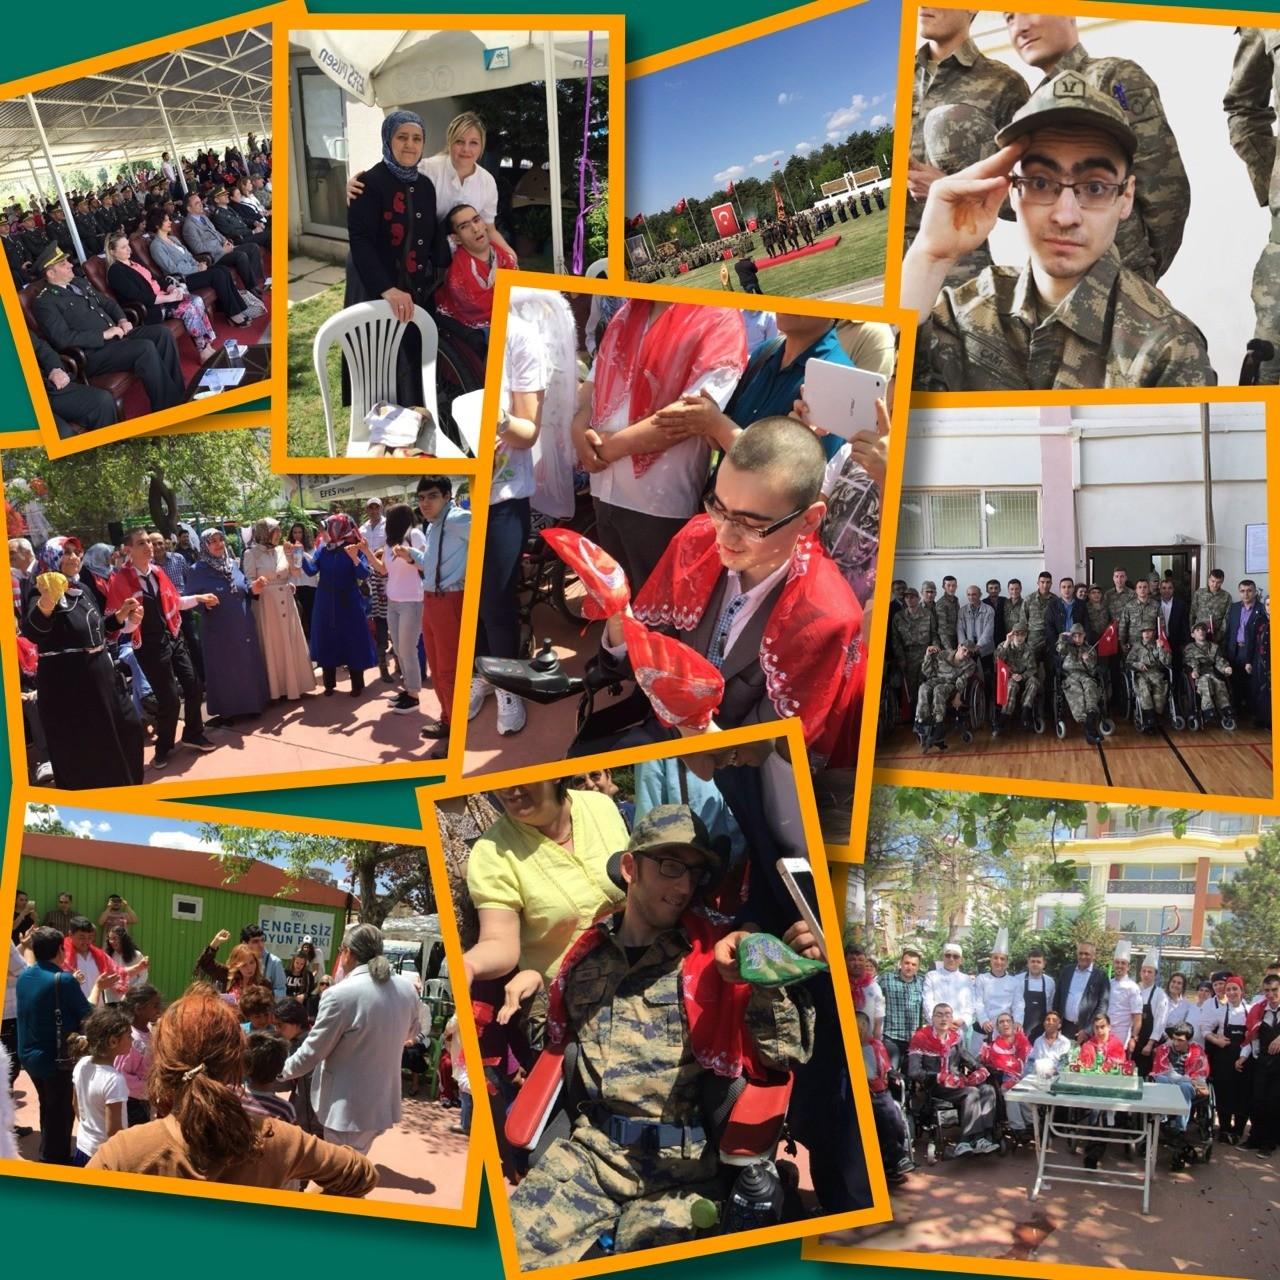 SERÇEV GENÇLERİ ASKERDE... Dernek merkezi-Engelsiz oyun parkın'da yemekli,davullu-zurnalı askerlere kına eğlencesi yapılarak,konvoyla askerler birliklerine teslim edildi.